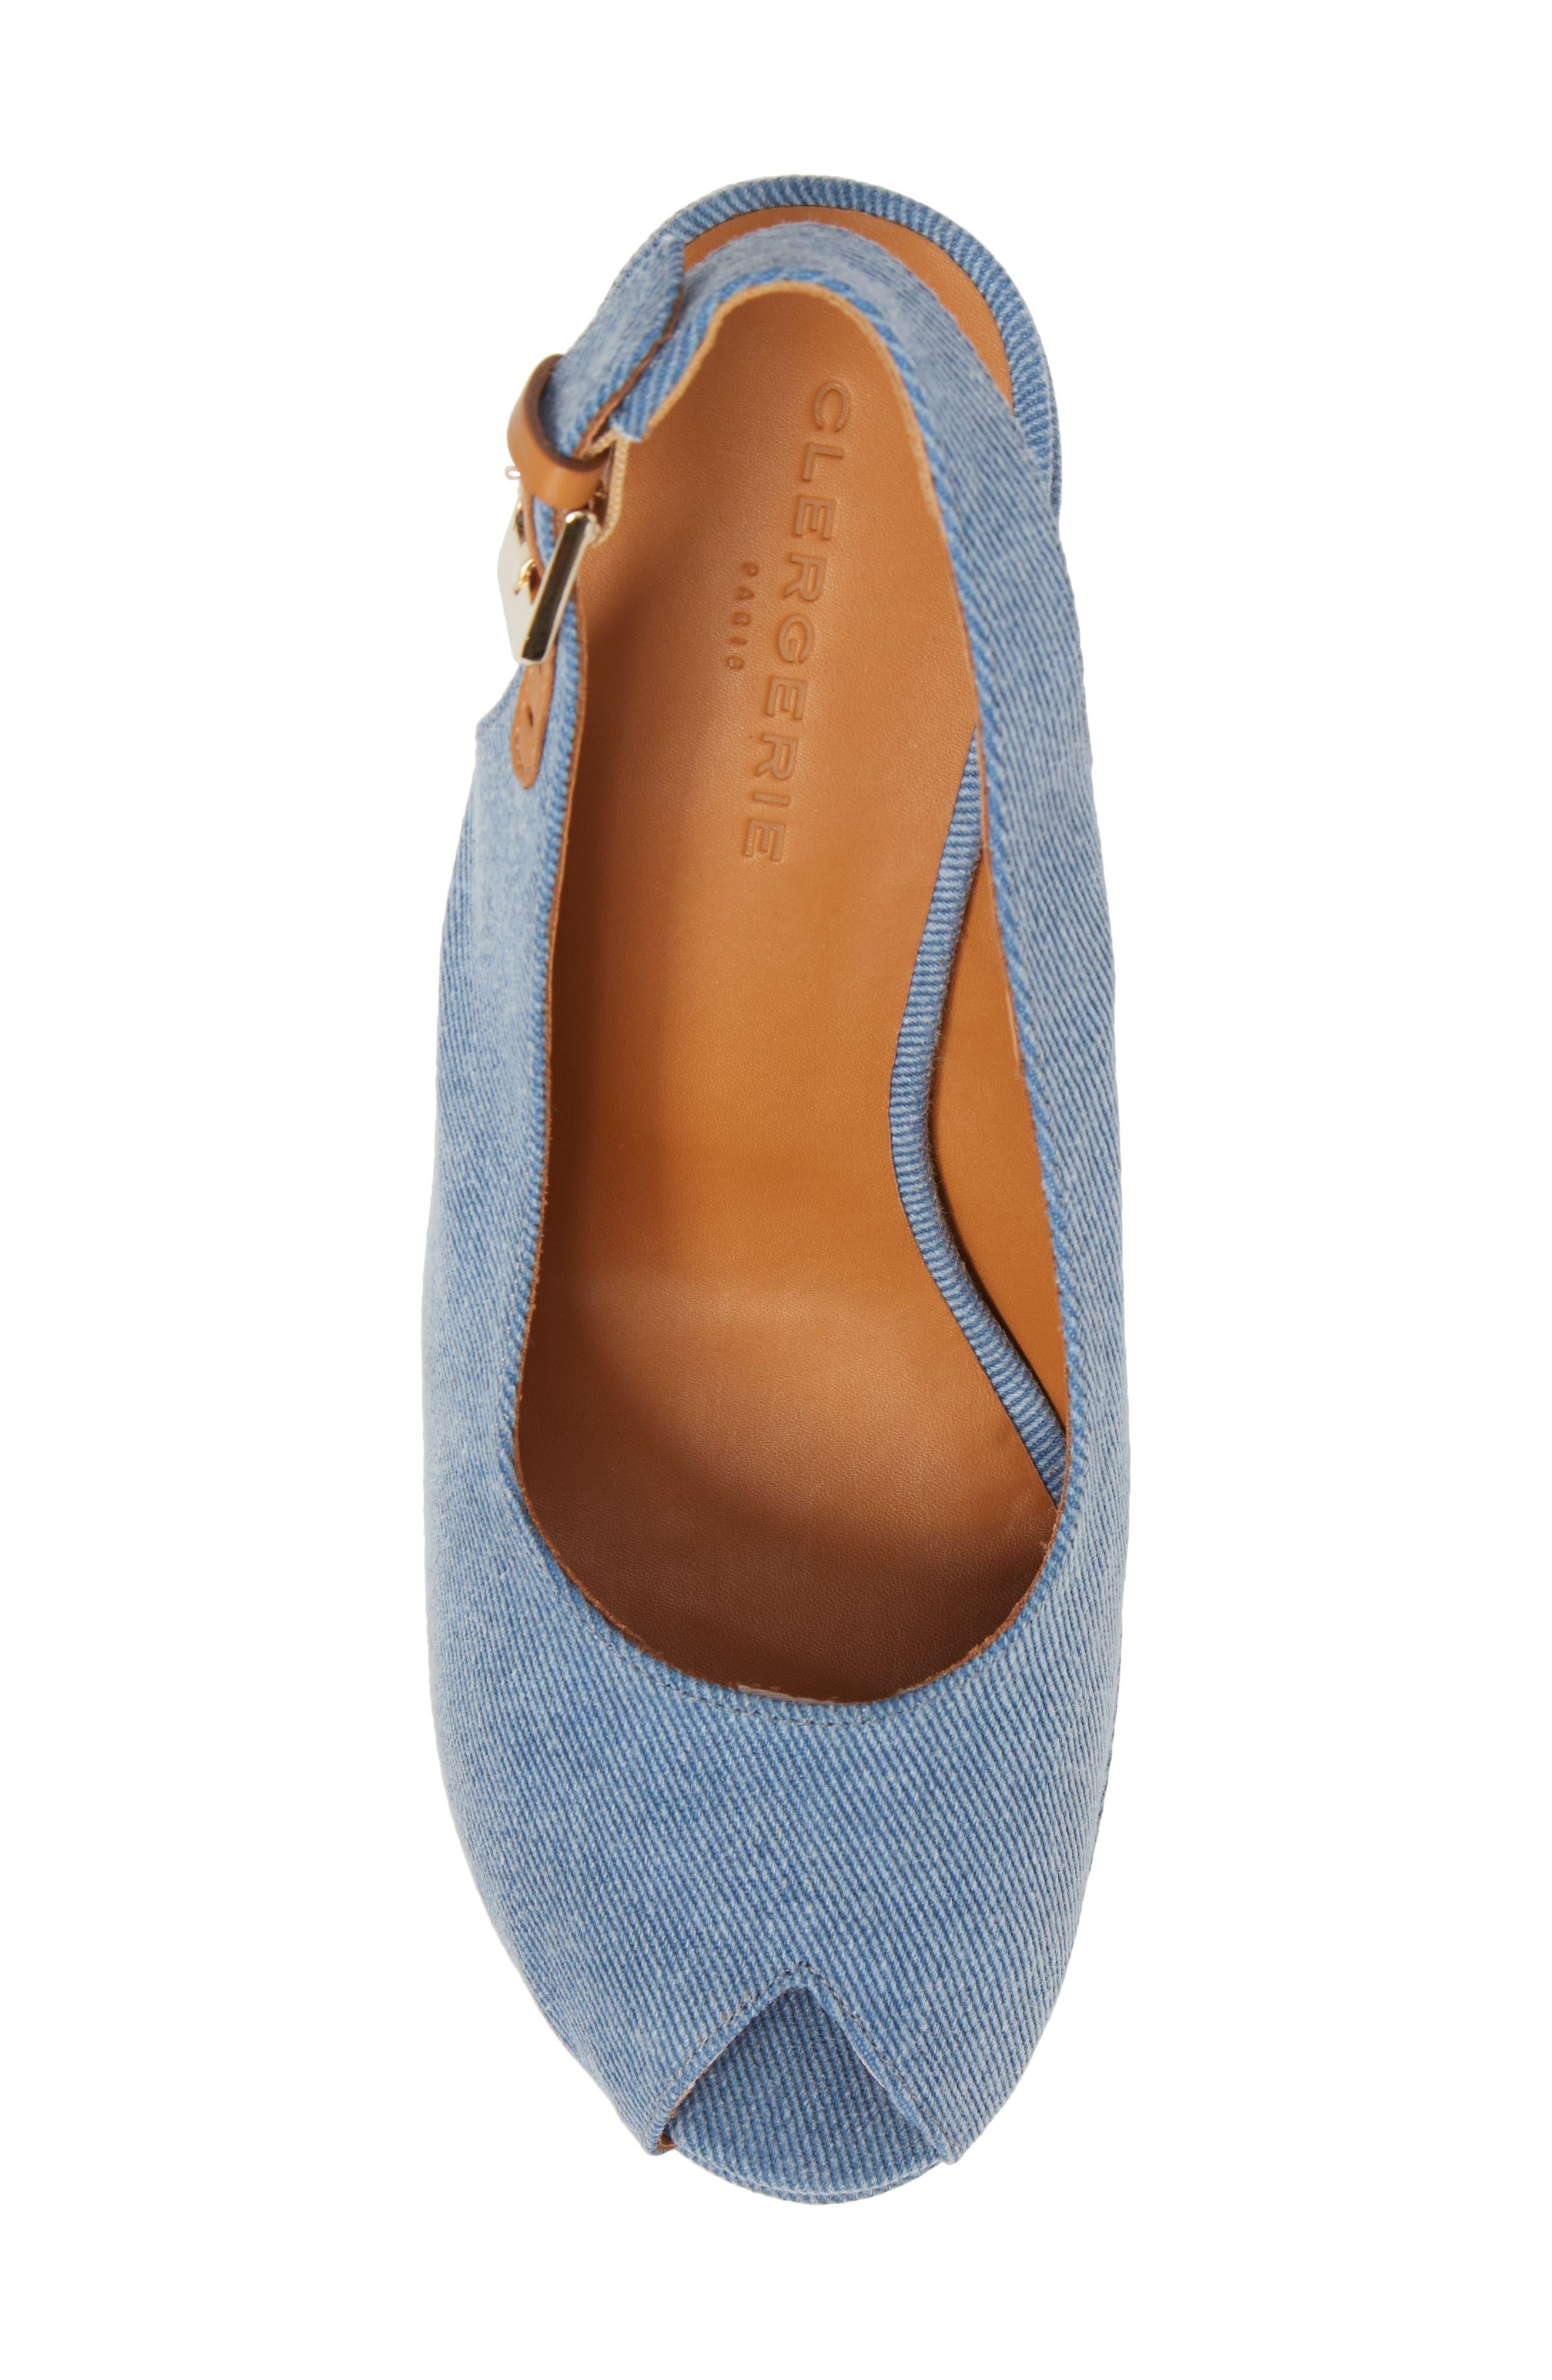 Dylanto Platform Wedge Sandal,                             Alternate thumbnail 5, color,                             400